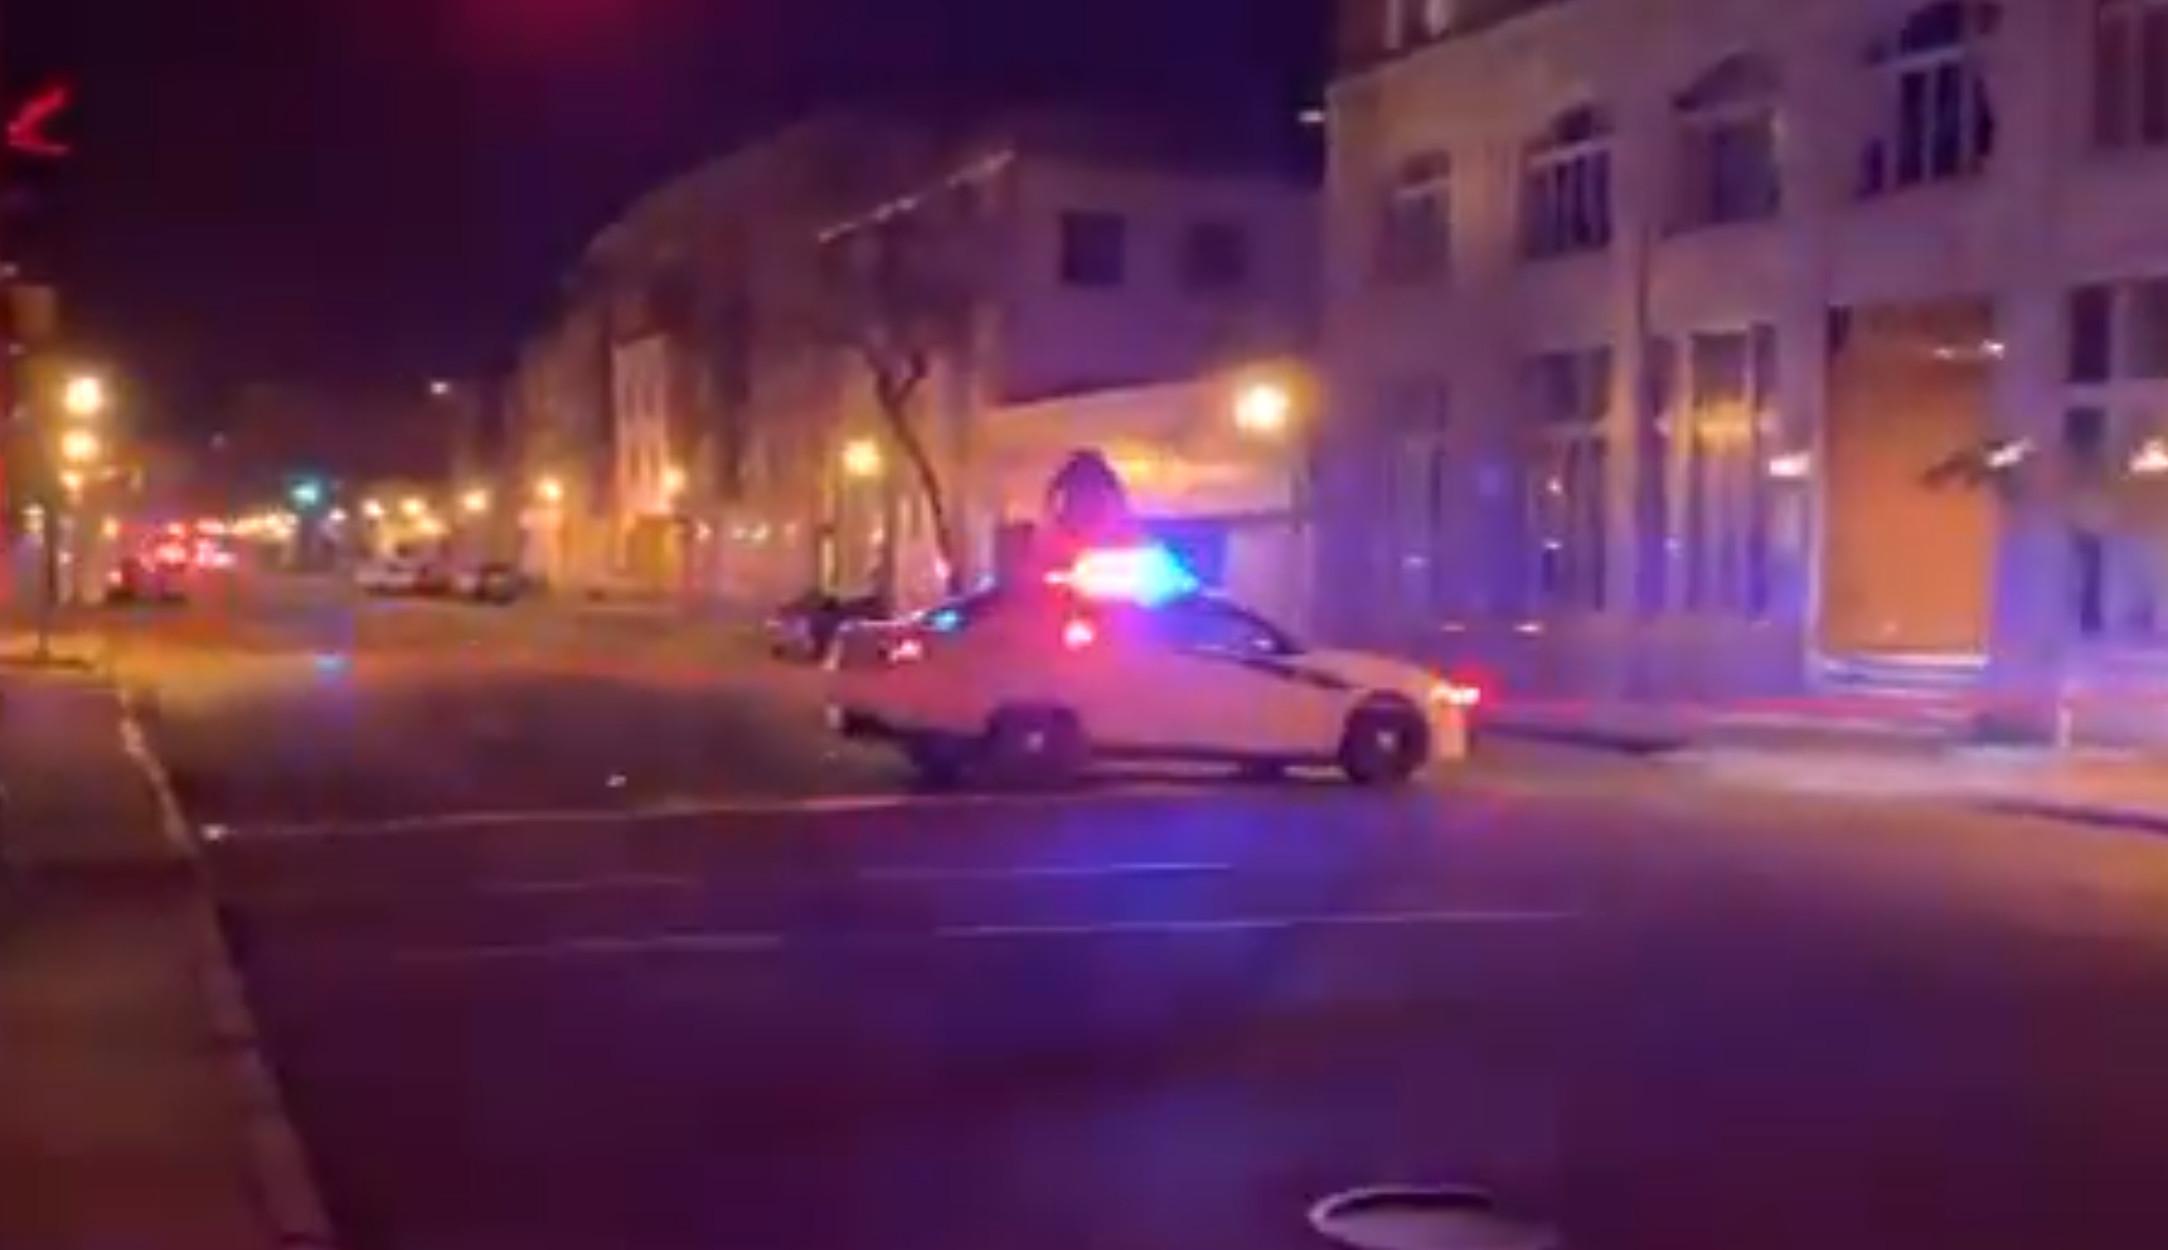 Μακελειό στο Κεμπέκ! 2 νεκροί και 5 τραυματίες από επίθεση με μαχαίρι